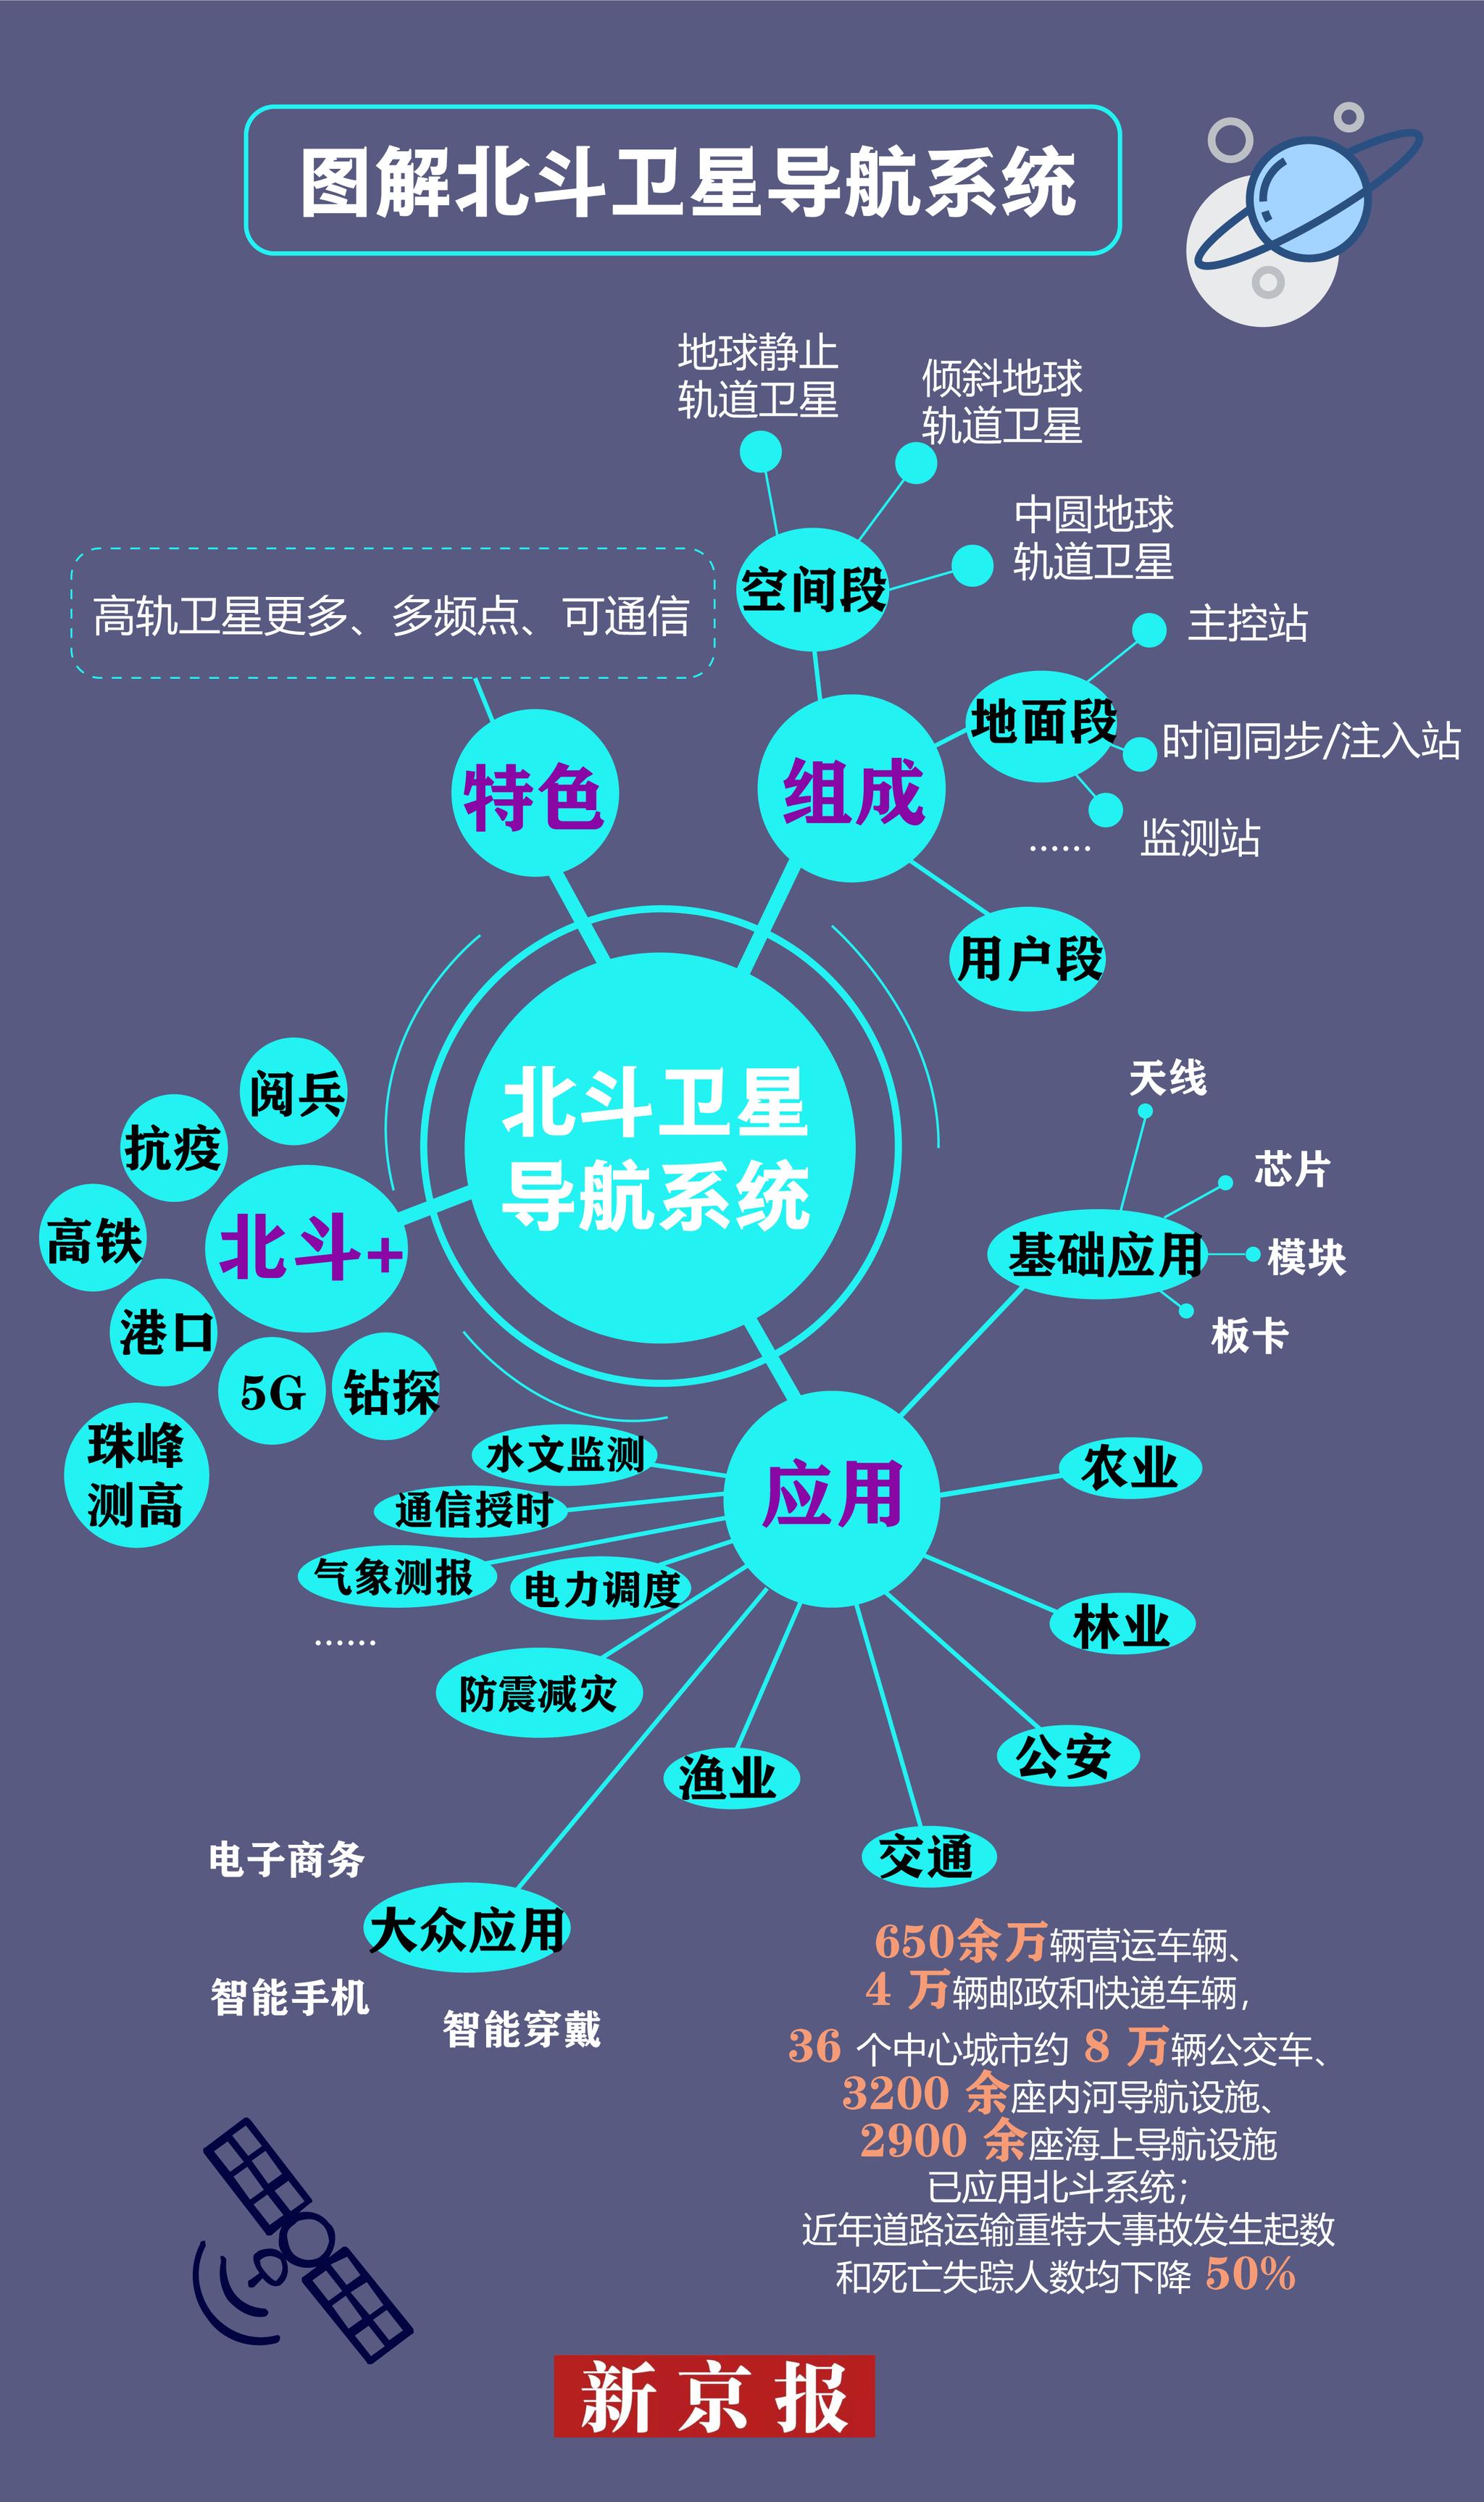 沈阳信息网:对比全球组沈阳信息网网的北图片